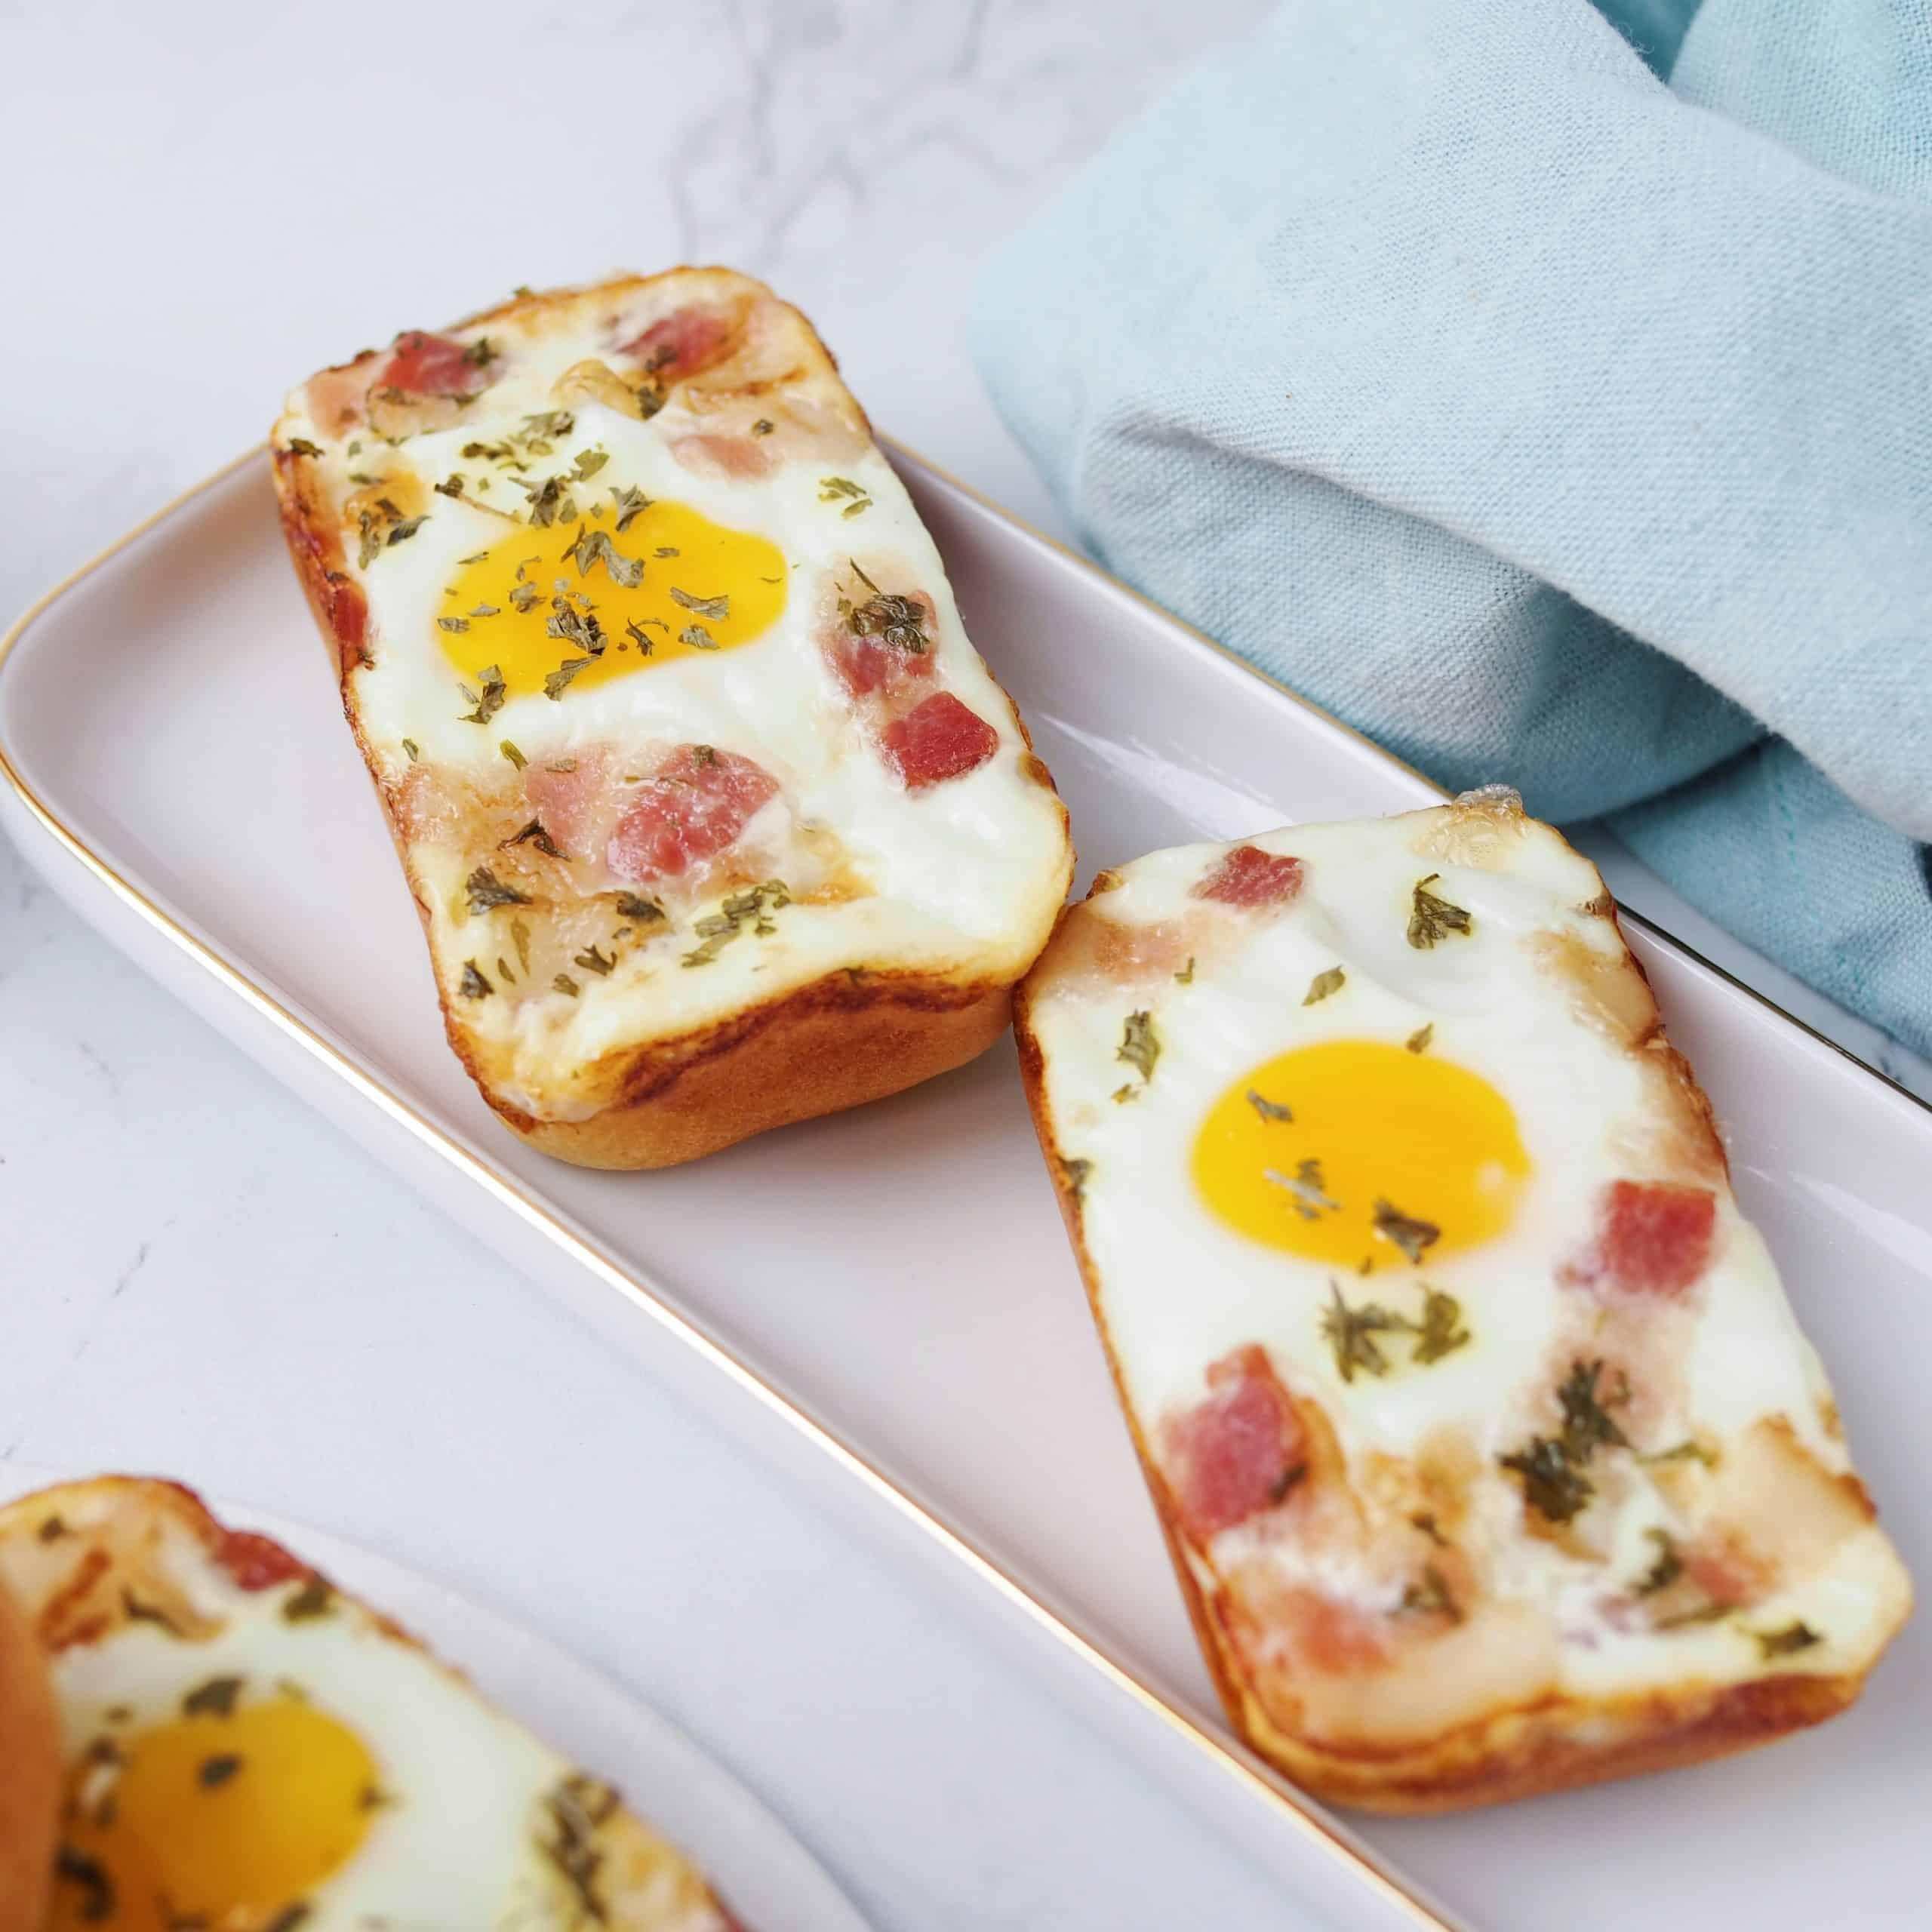 Korean Egg Bread